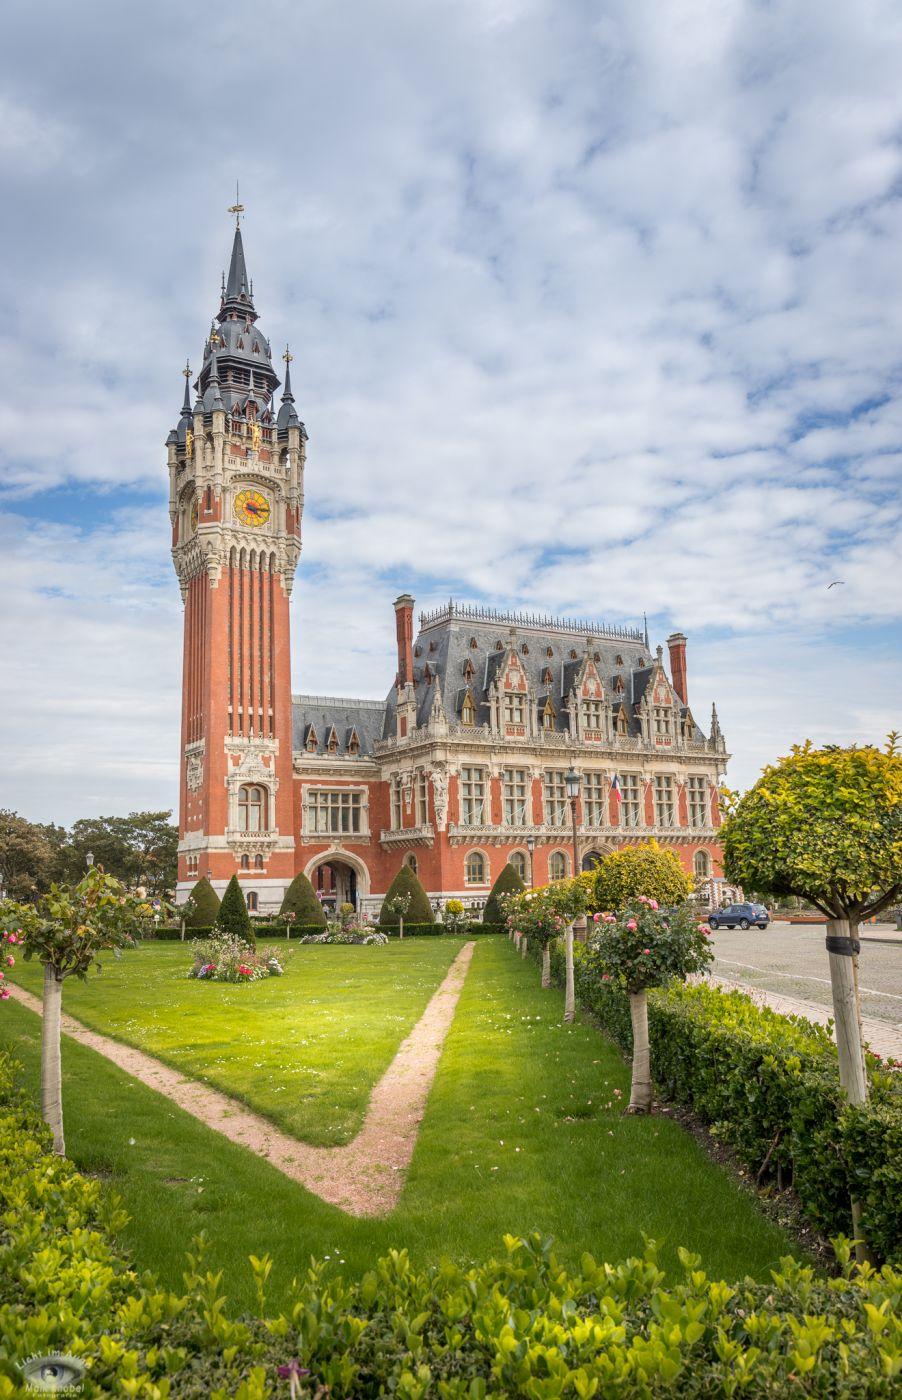 Mairie de Calais, France